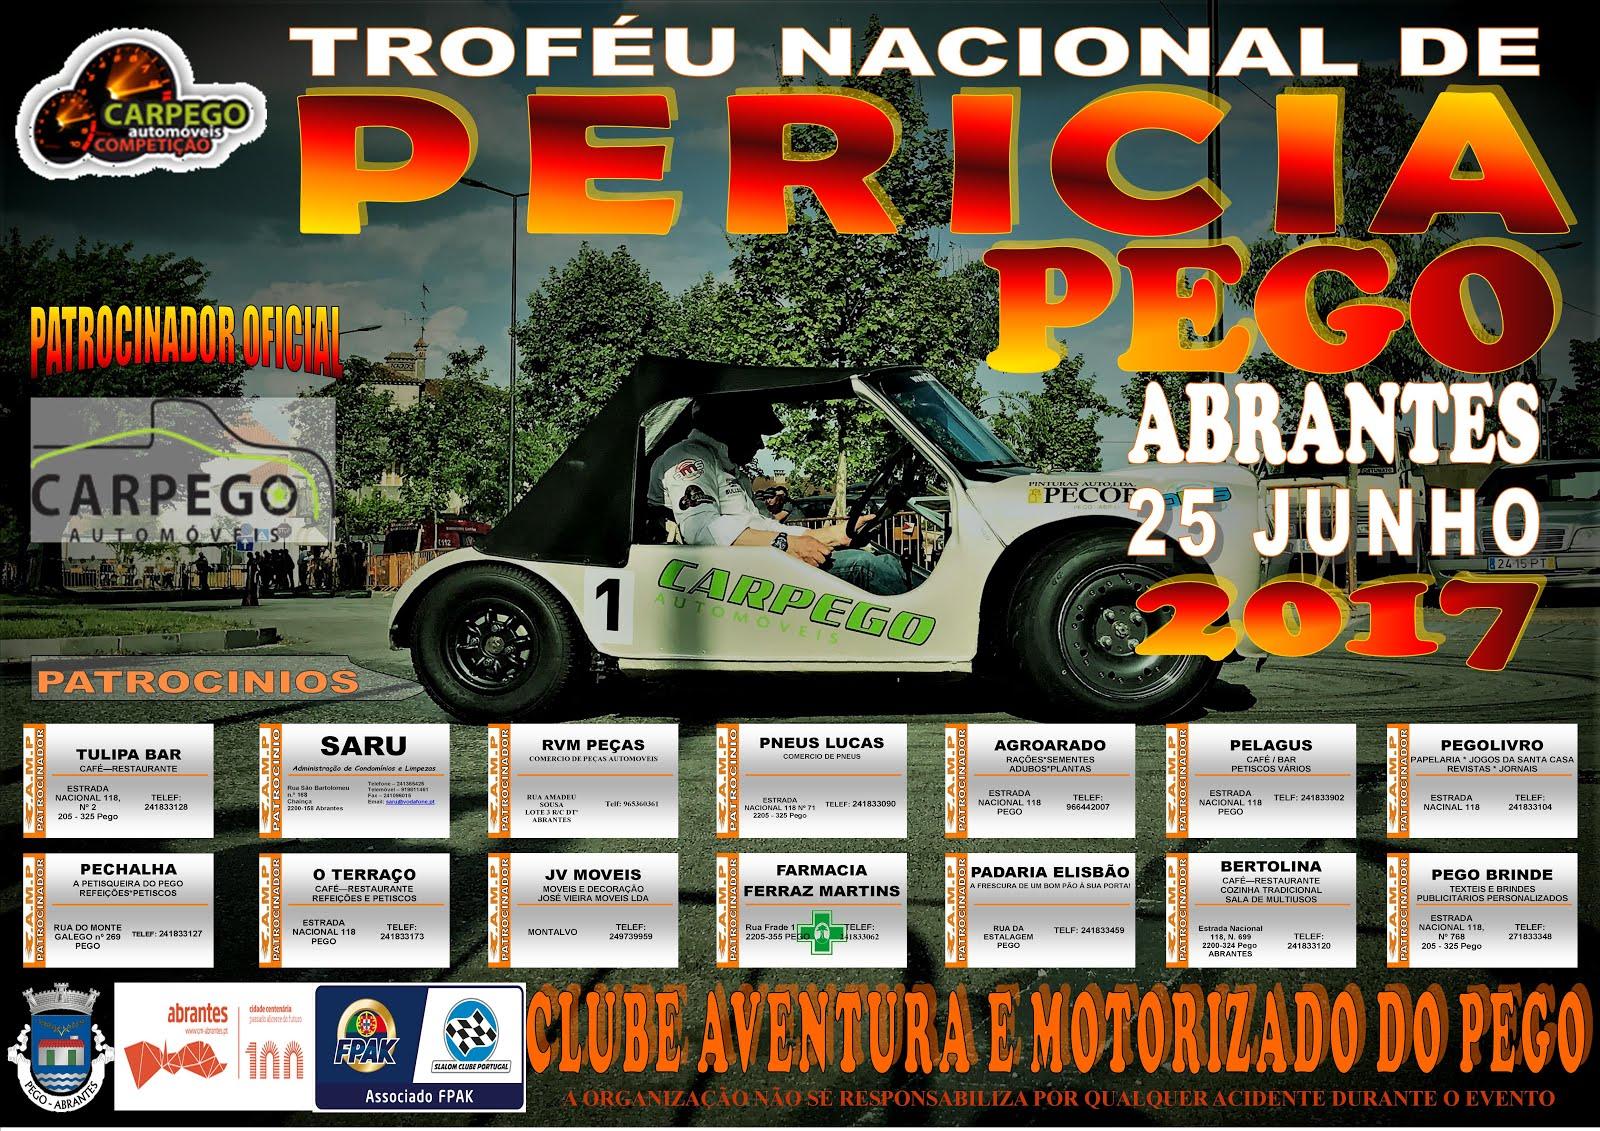 TROFÉU NACIONAL DE PERÍCIA 2017